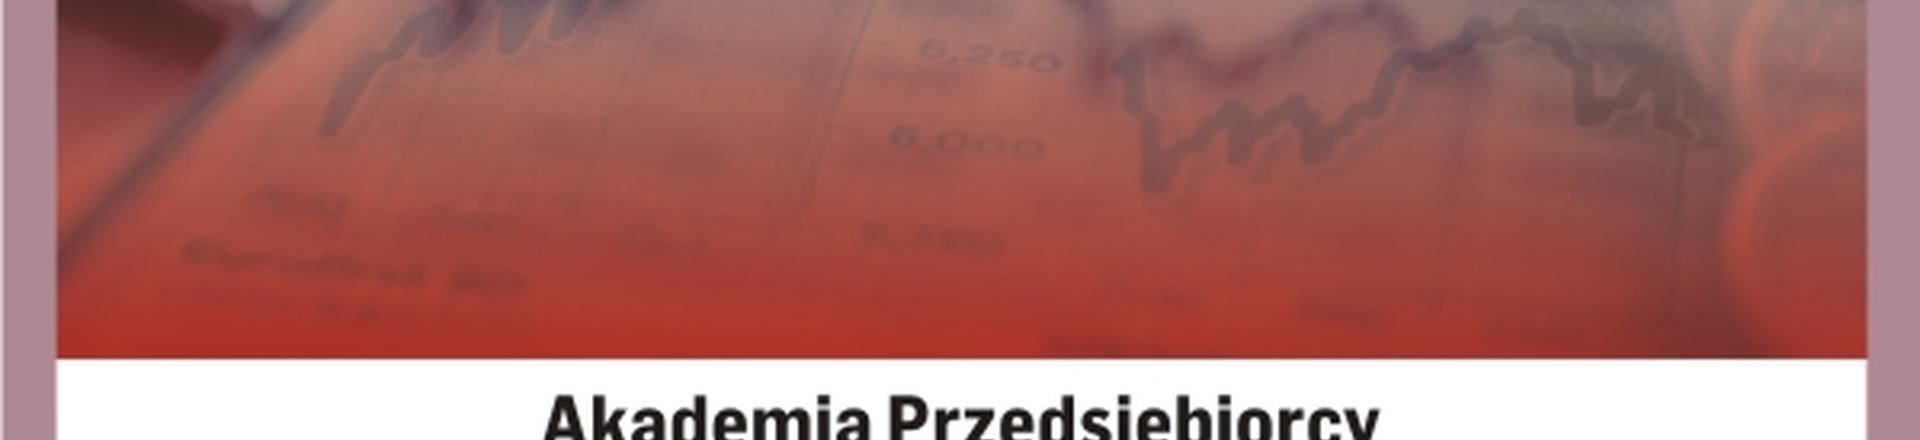 Cykl Akademia Przedsiębiorcy: Kapitał i bezpieczeństwo Twojej firmy - Wałbrzych